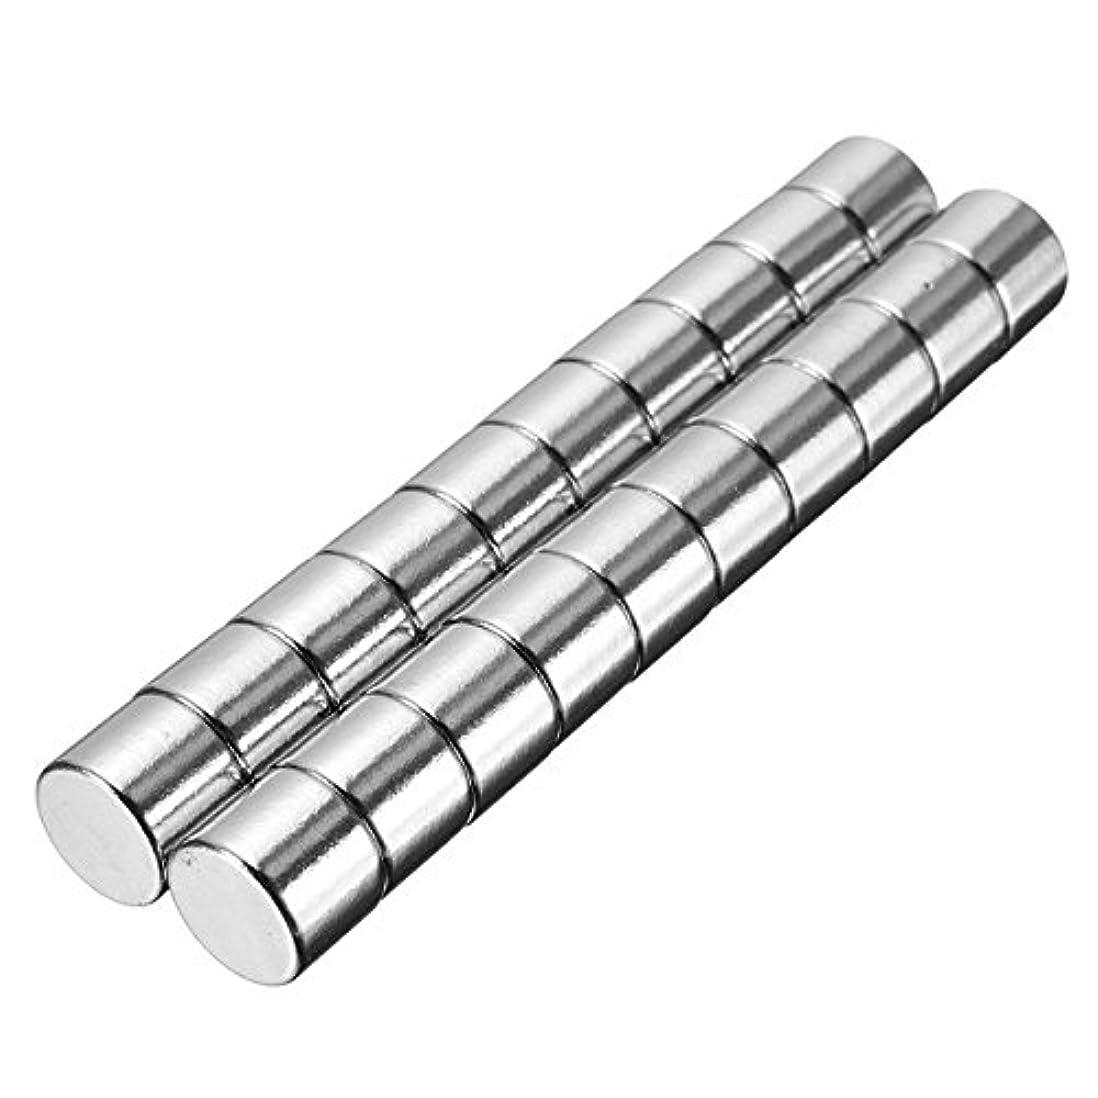 欺く没頭するSndy 20pcs N50 強力なラウンドシリンダー磁石 10 mm x 8 mm 希土類ネオジム磁石